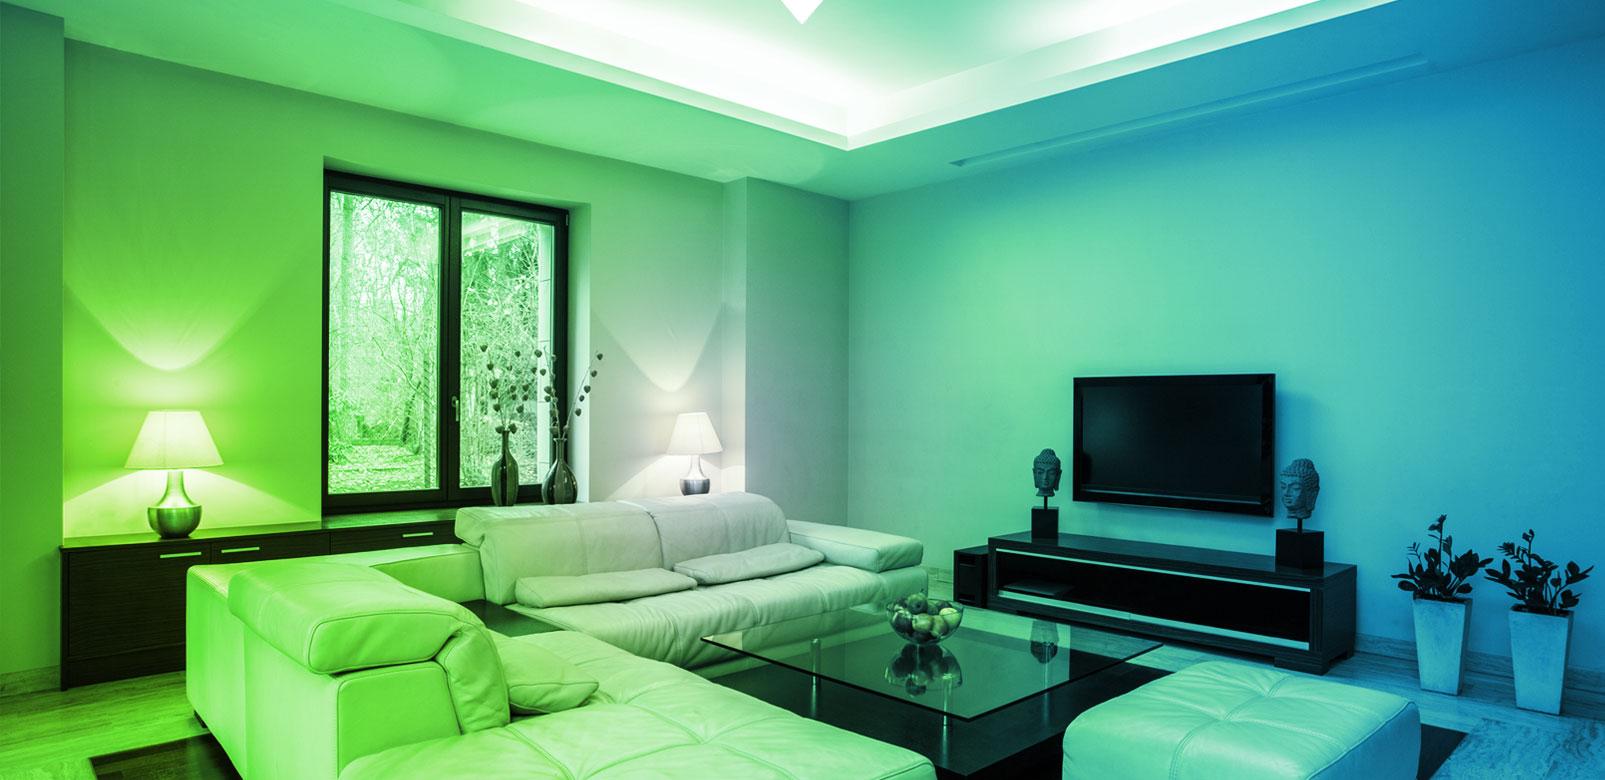 Verlichting anno nu de wifi led lamp van stiplight 64 miljoen kleuren om uit te kiezen rgbcw parisarafo Image collections